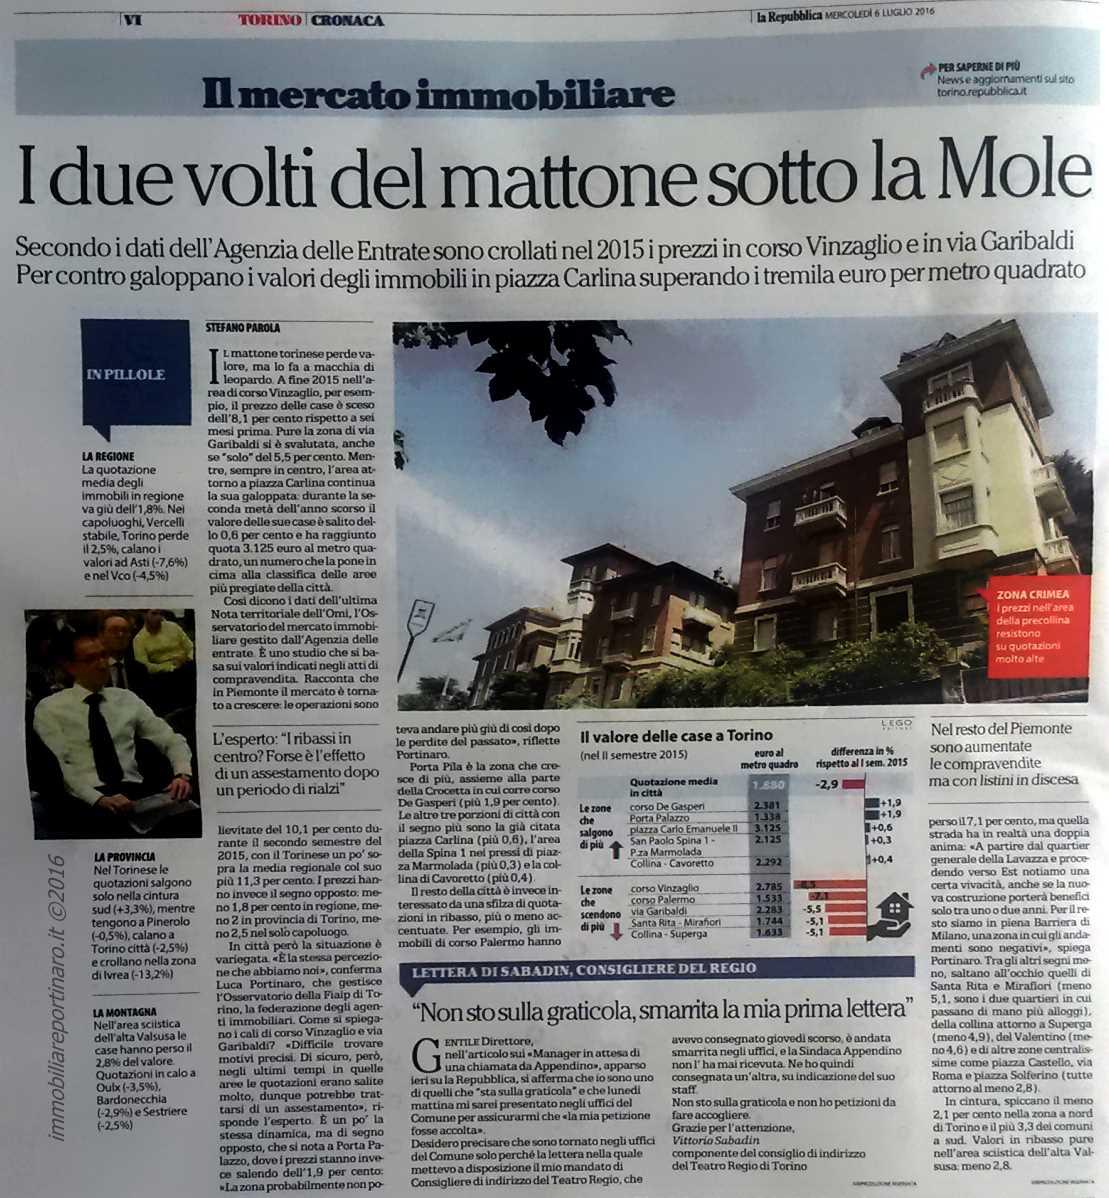 Sul quotidiano La Repubblica l'intervista a Luca Portinaro